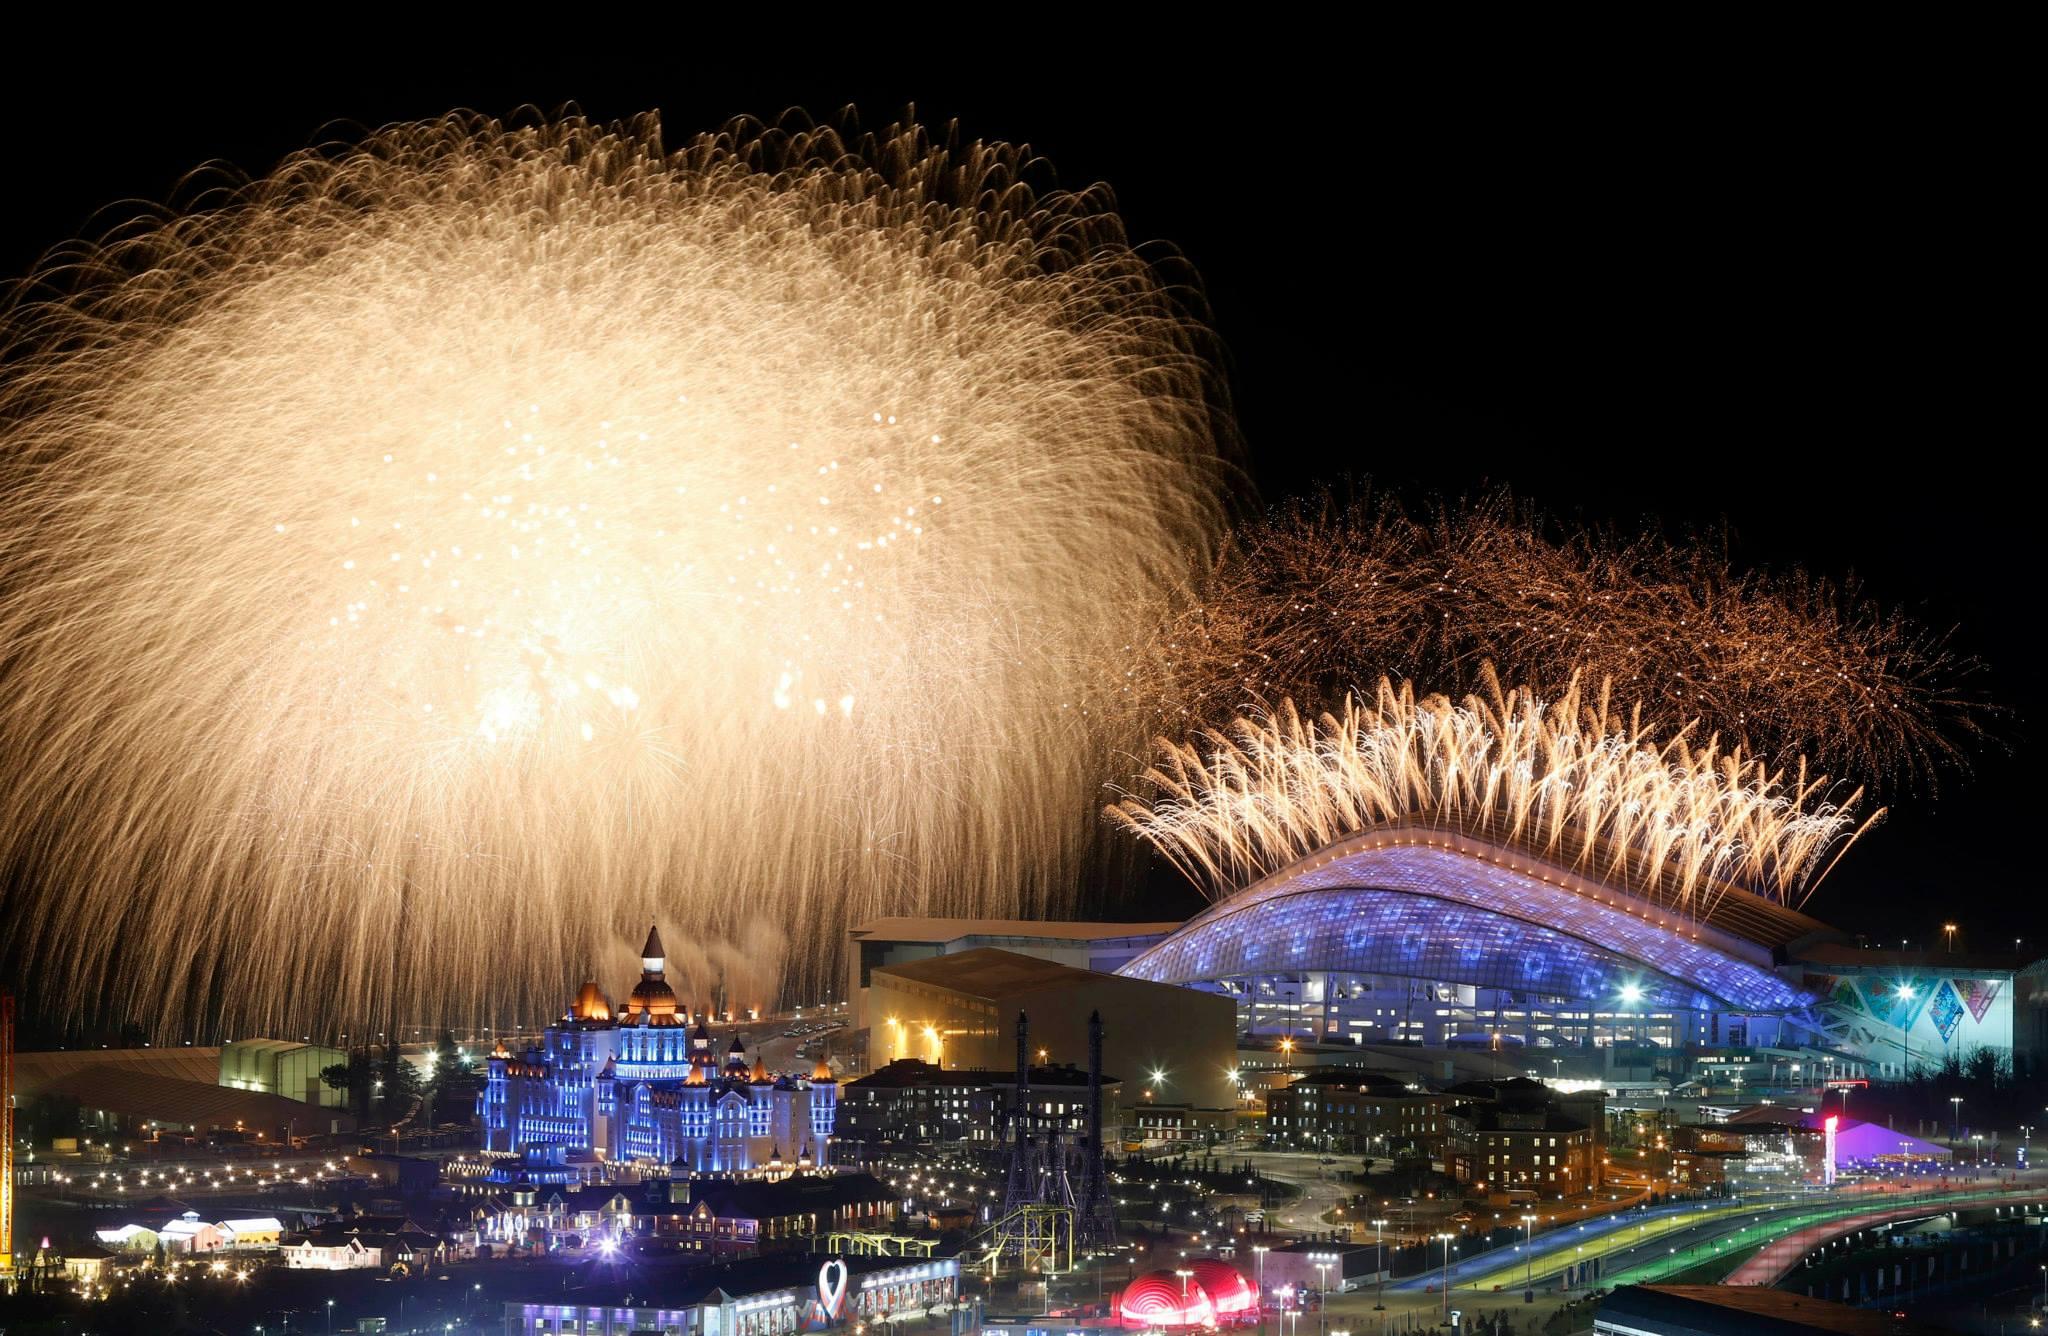 22-րդ Օլիմպիական խաղերի վերաբերյալ արված թվիթներով Ճապոնիան զբաղեցրել է առաջին տեղը